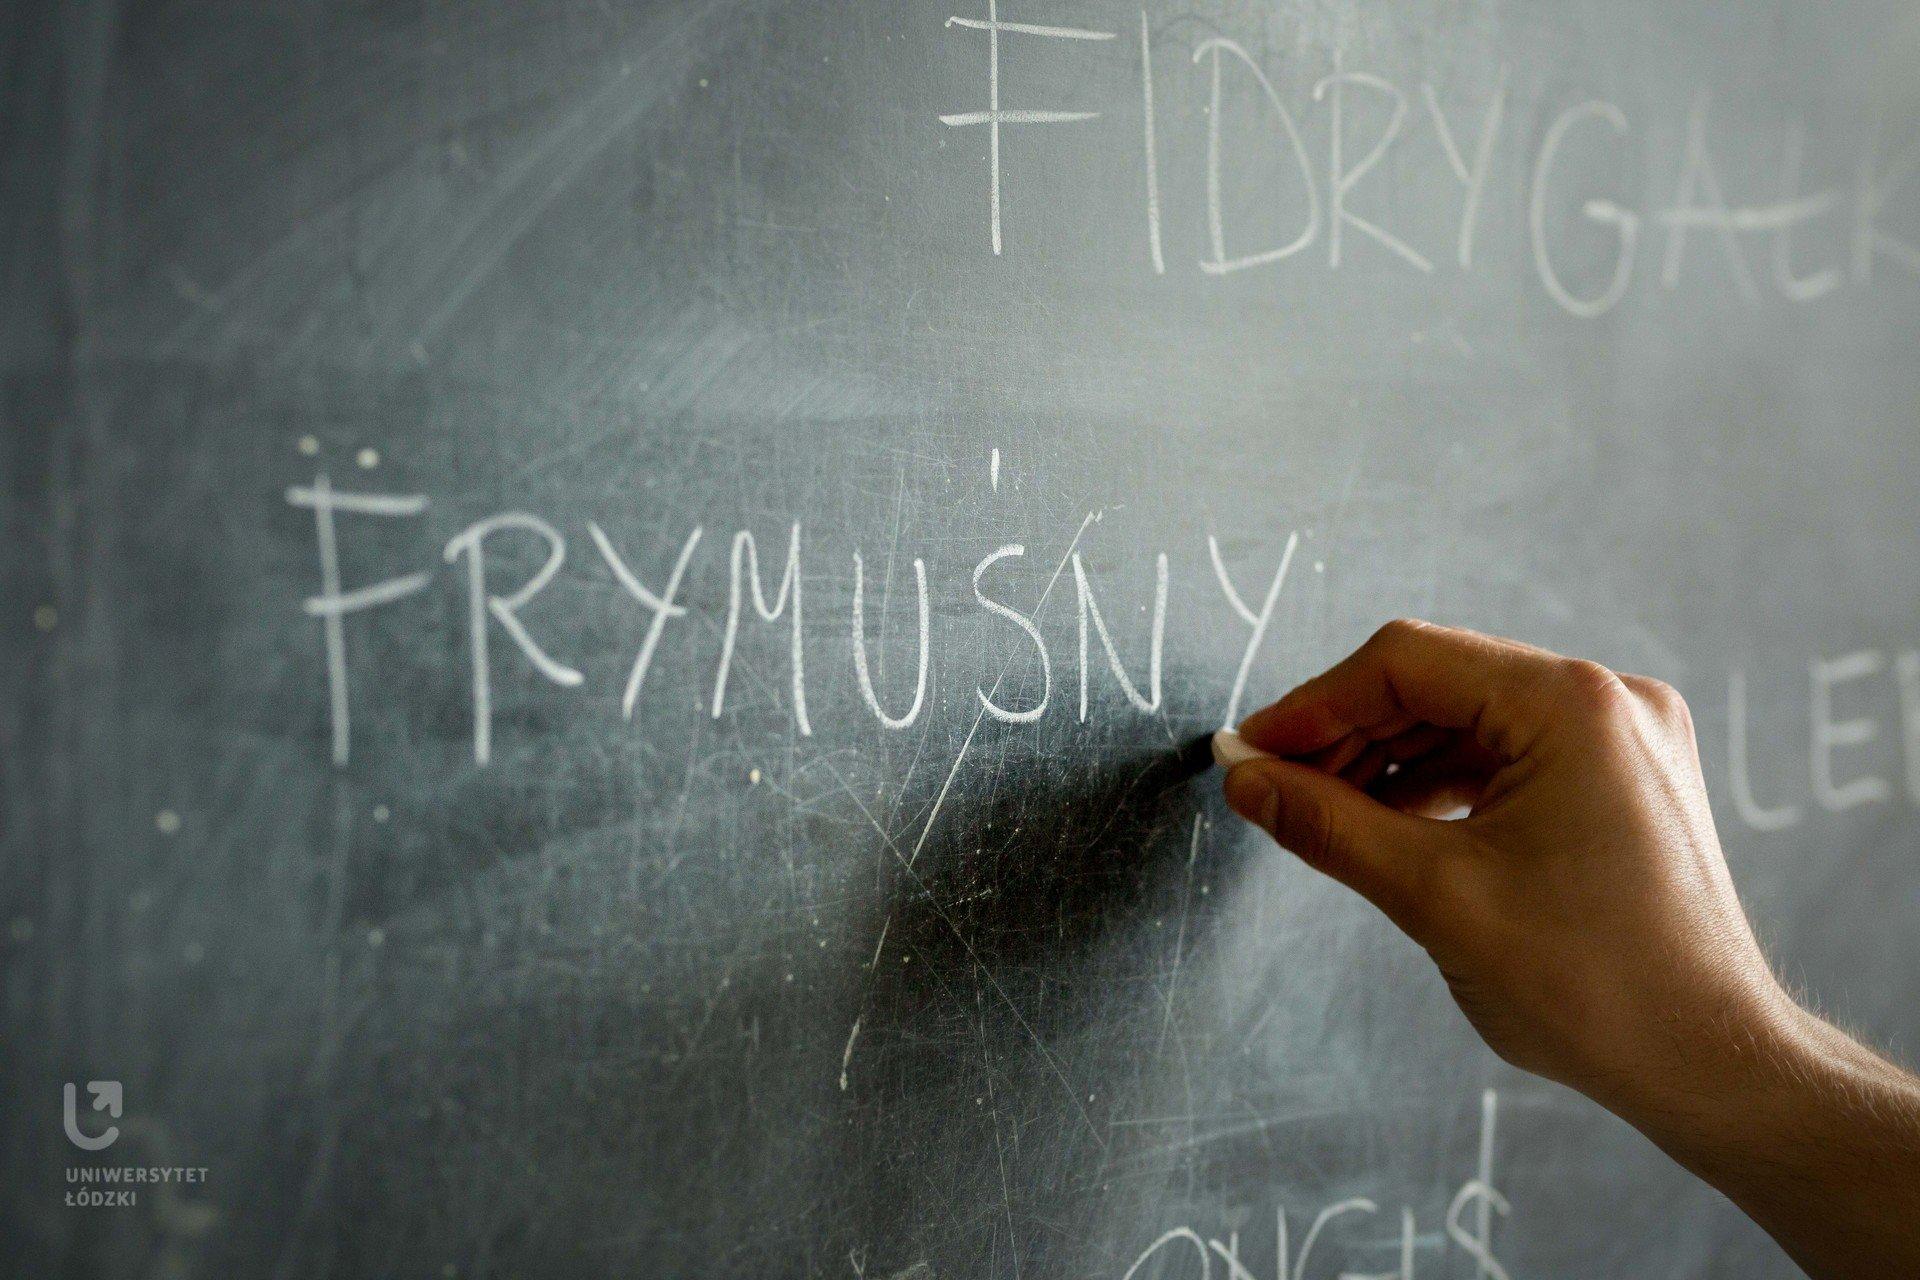 UŁ komentuje: Zapomniane słowa - Frymuśny